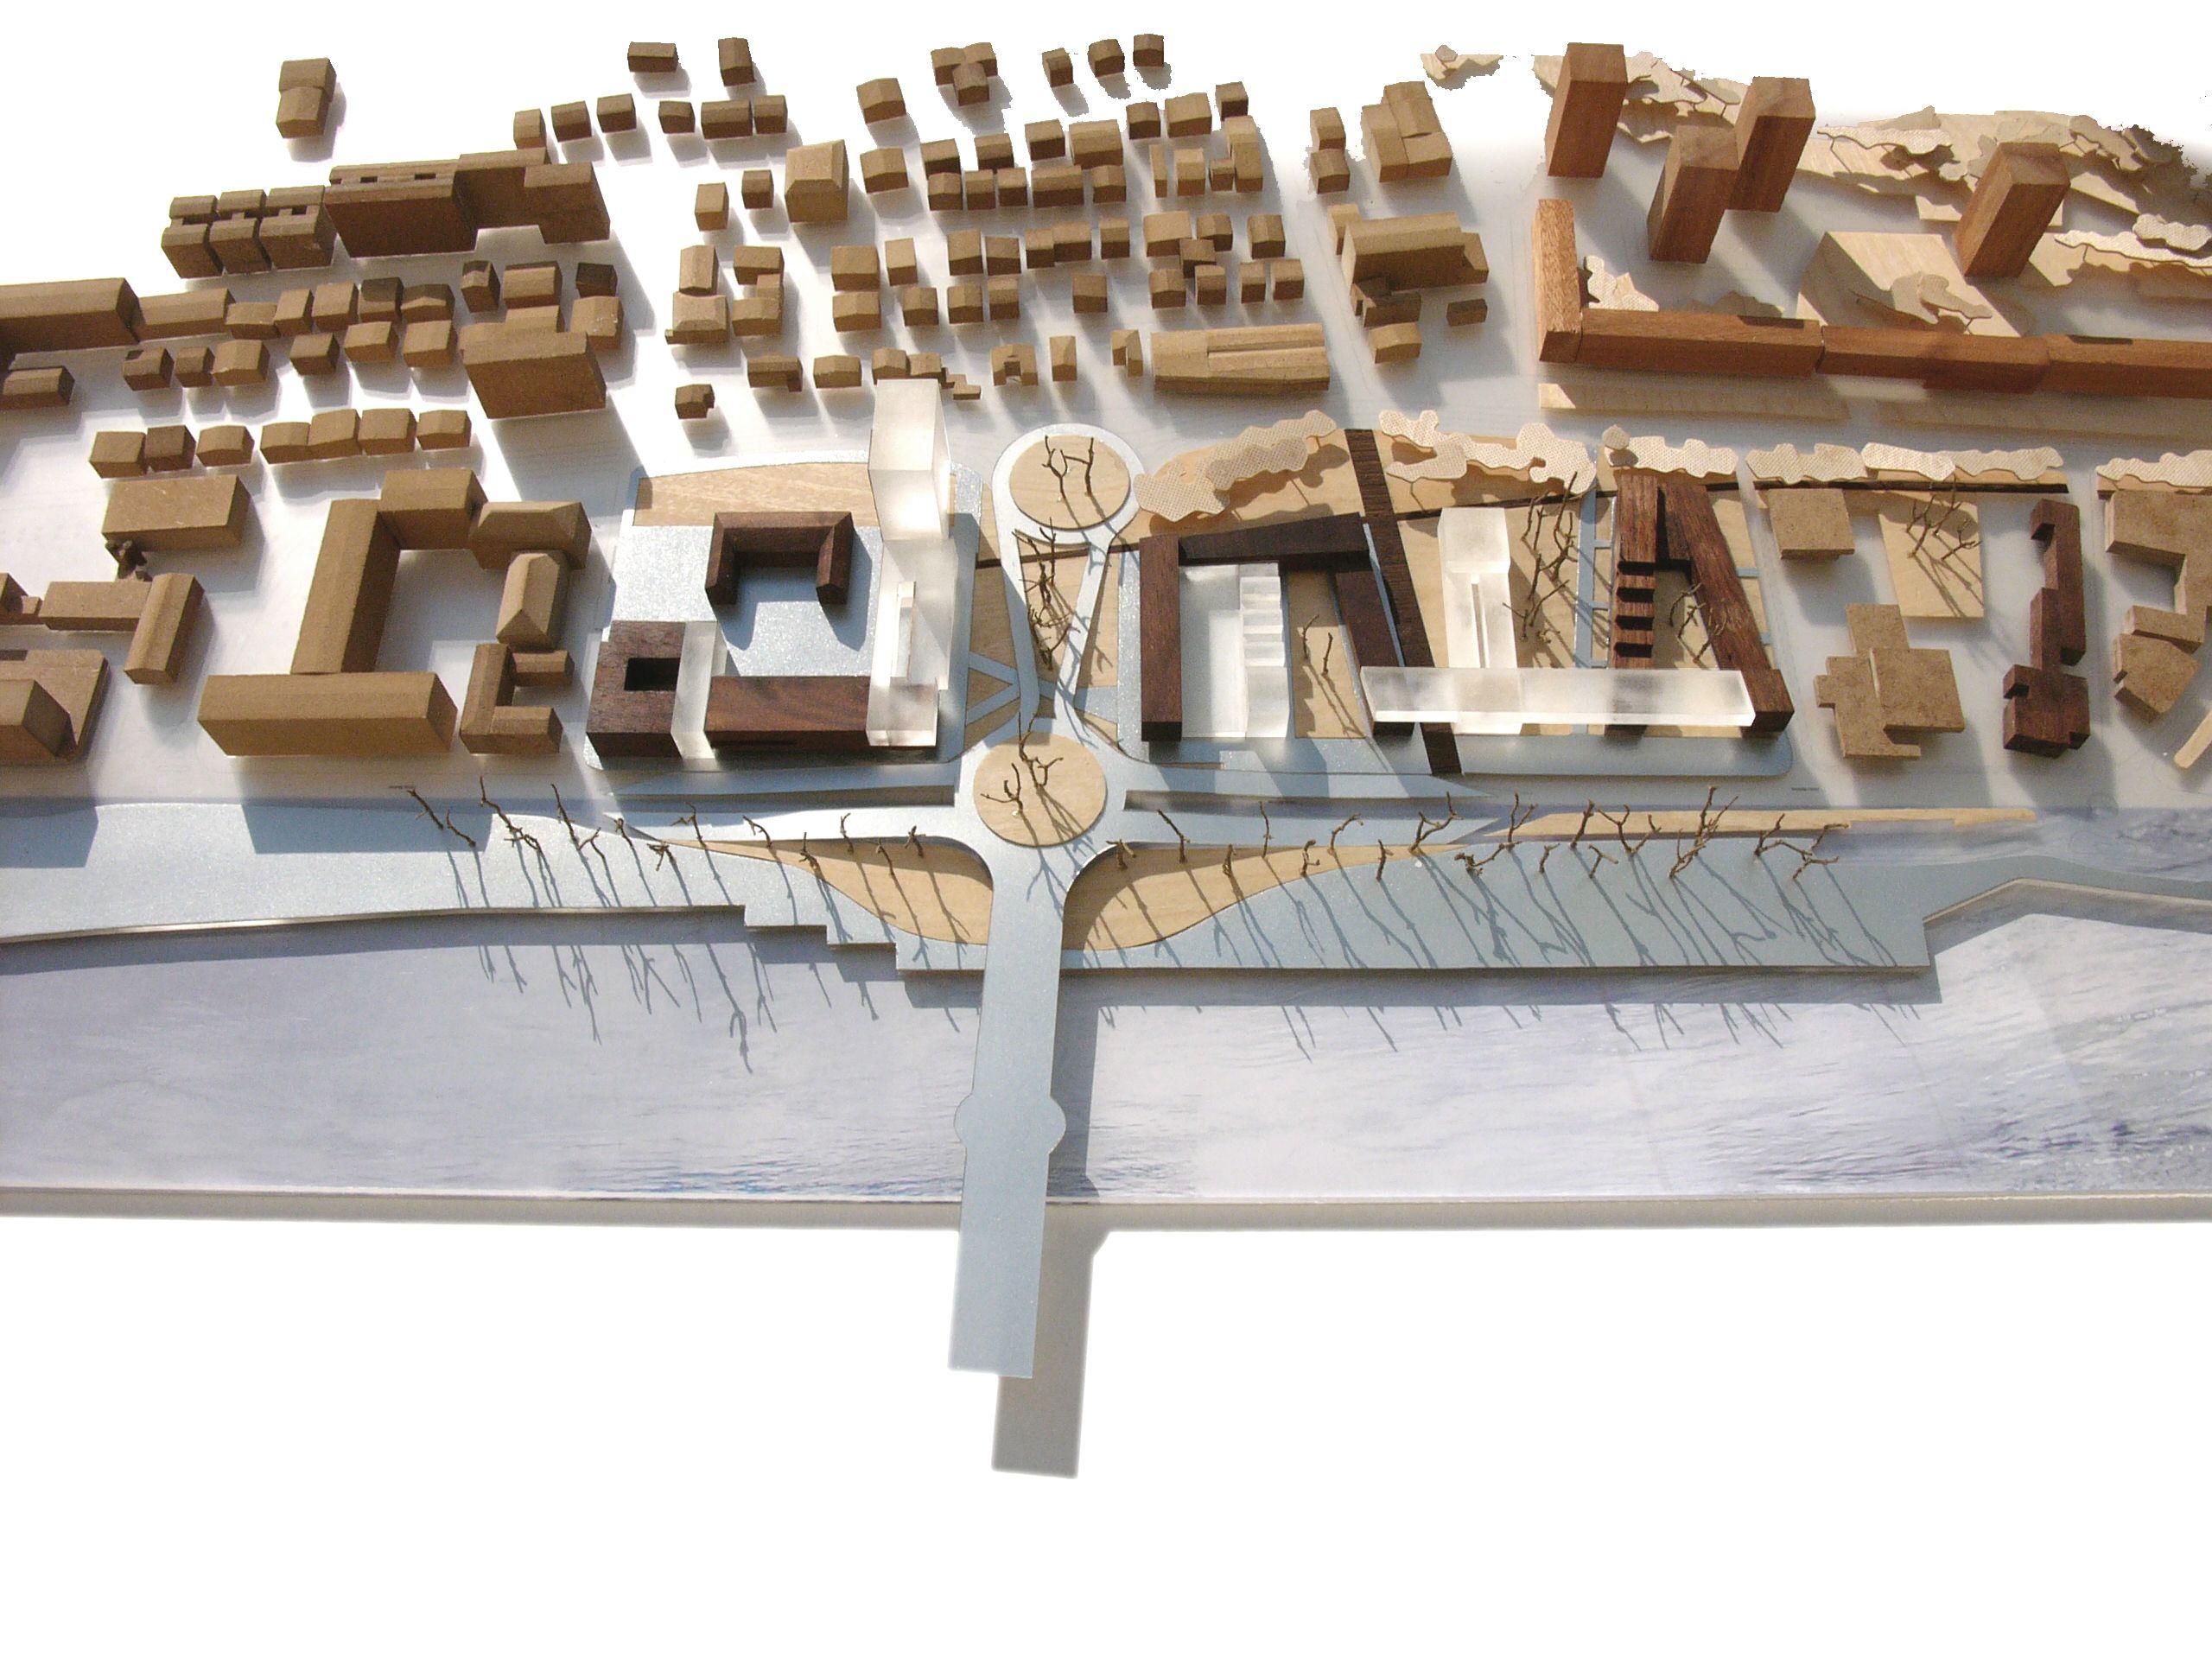 Tête de Pont project in Bayonne